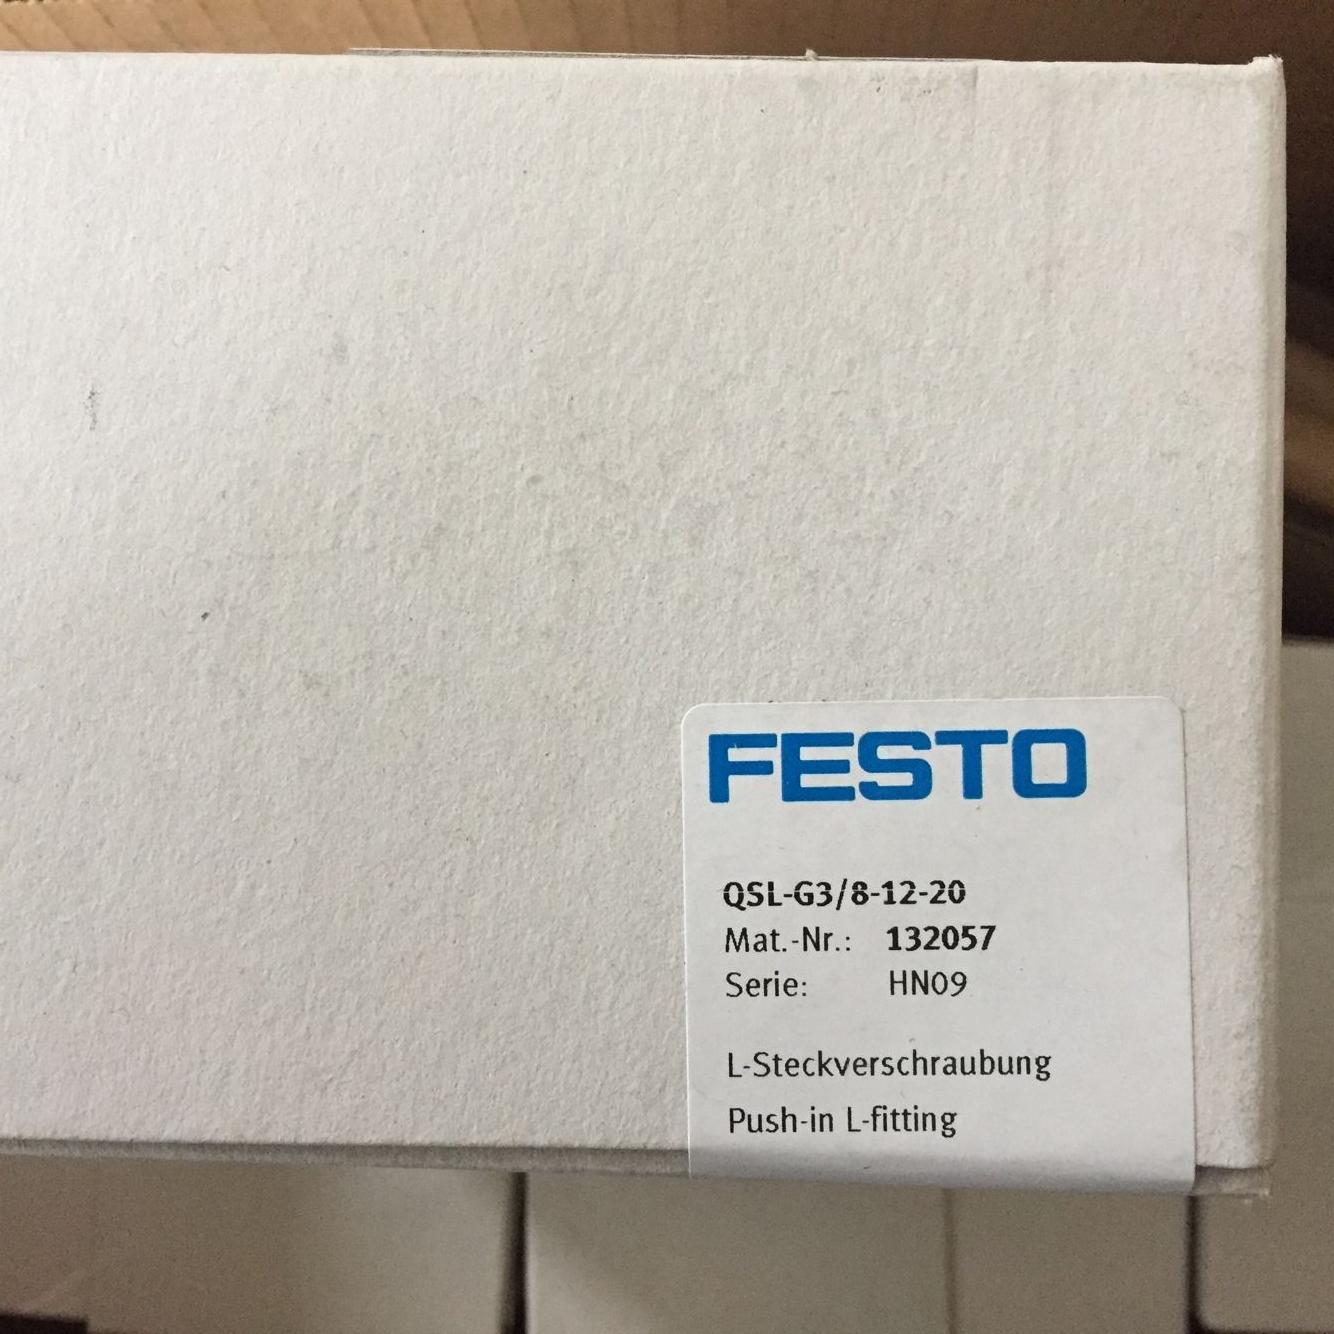 FESTO GSL-G3/8-12-20 132057